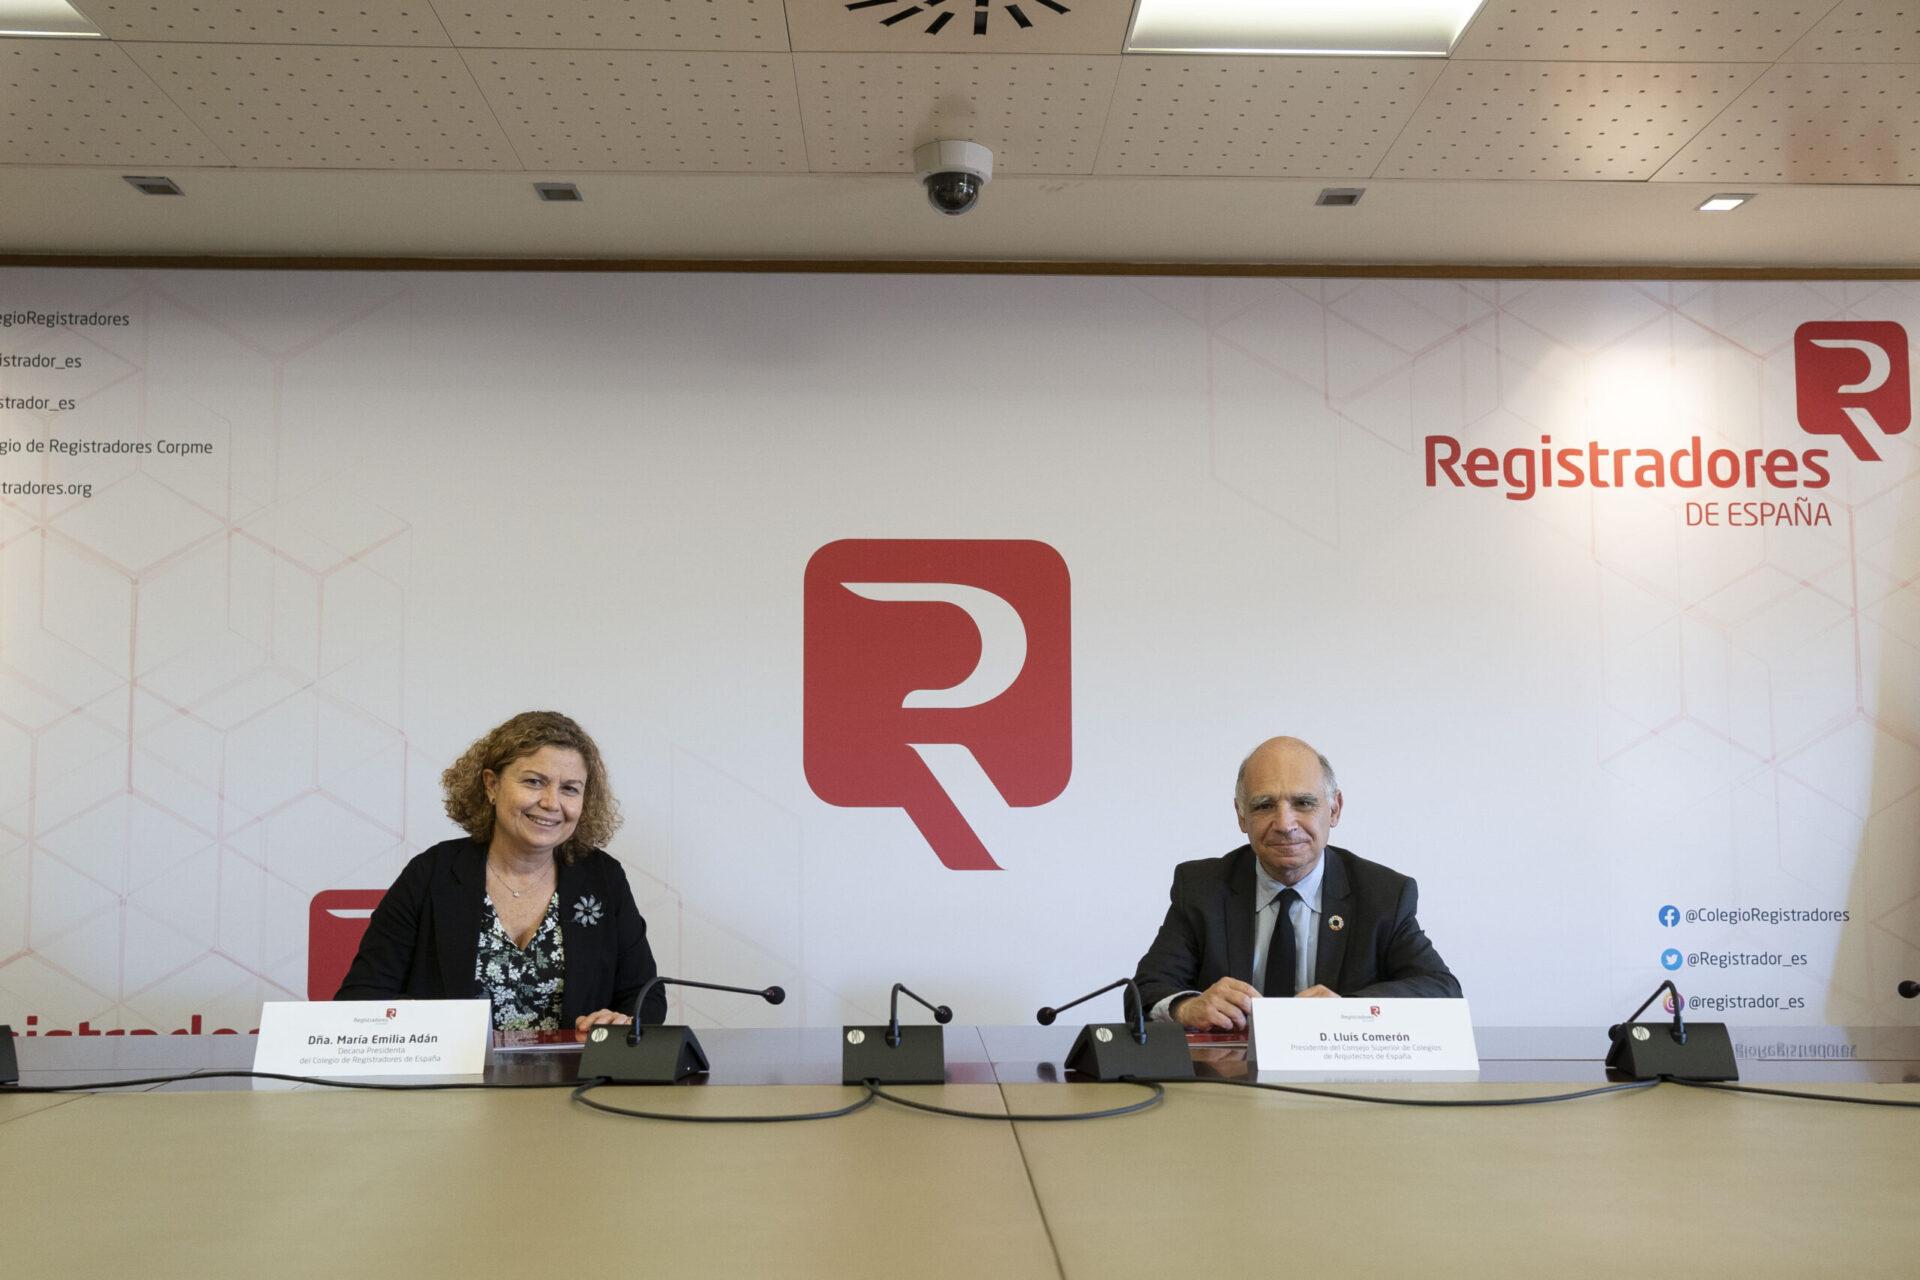 Registradores y arquitectos firman un convenio para facilitar la inscripción directa de documentación en los registros de la propiedad